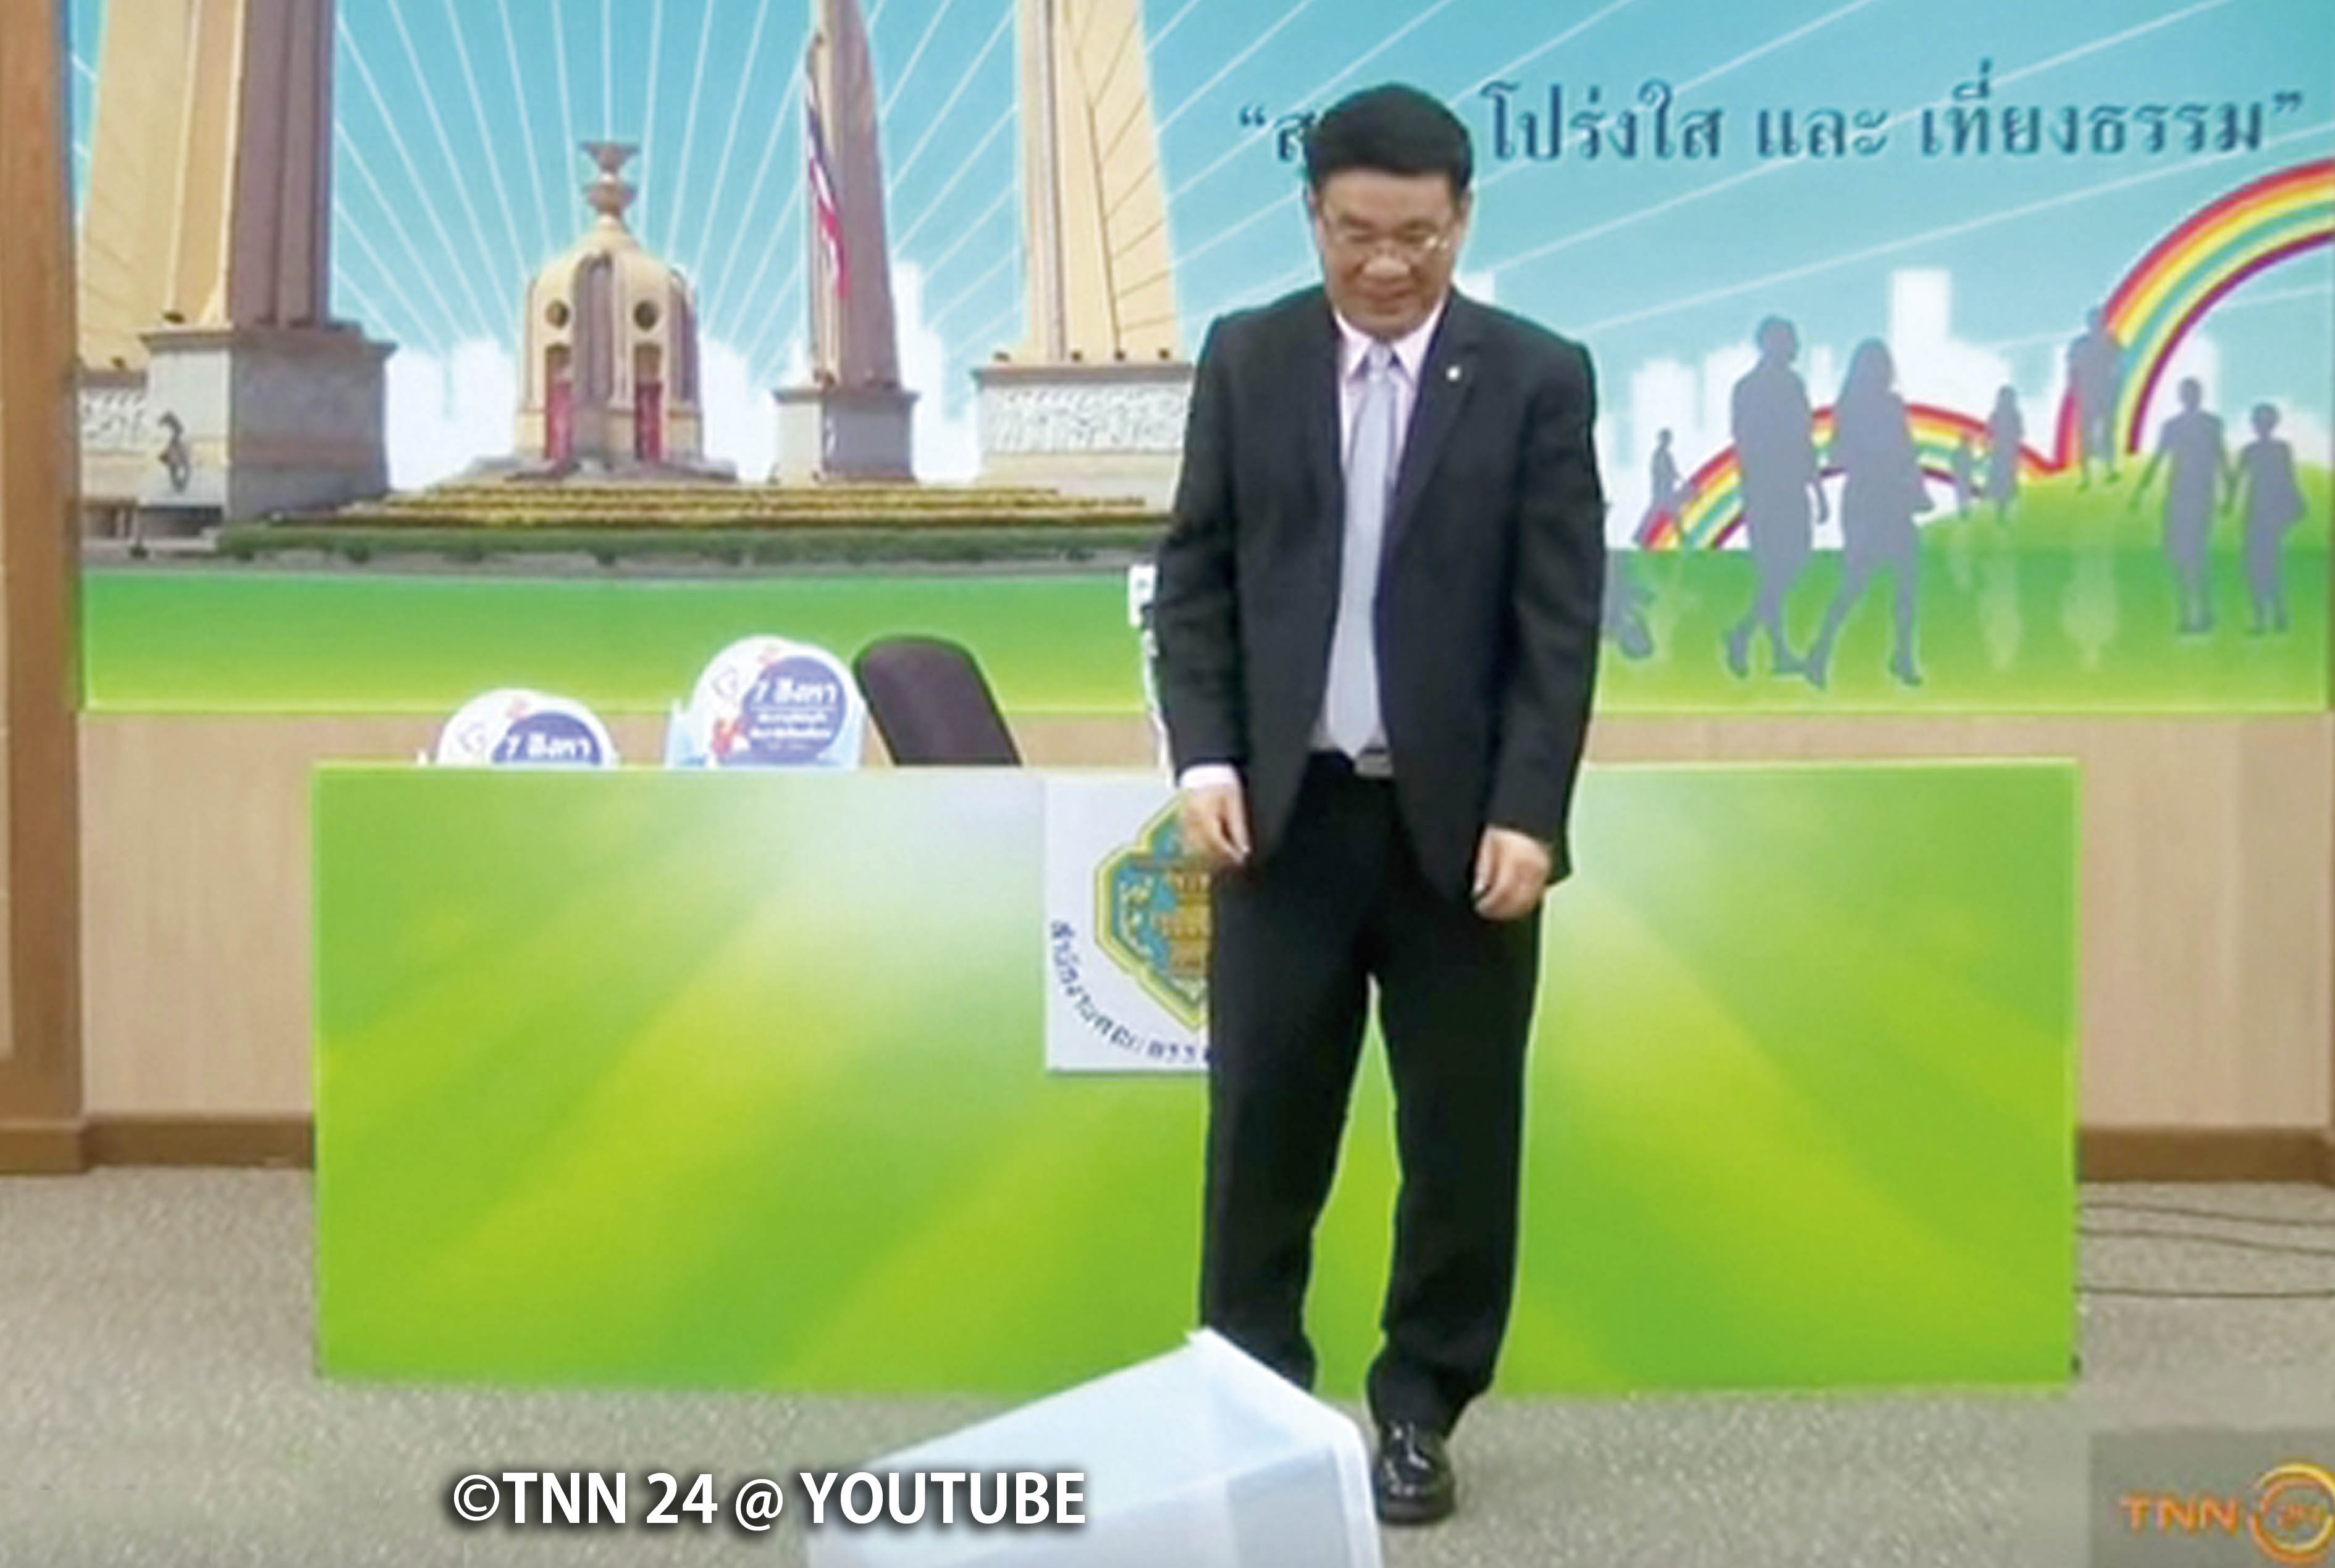 国民投票・裏ニュース - ワイズデジタル【タイで生活する人のための情報サイト】